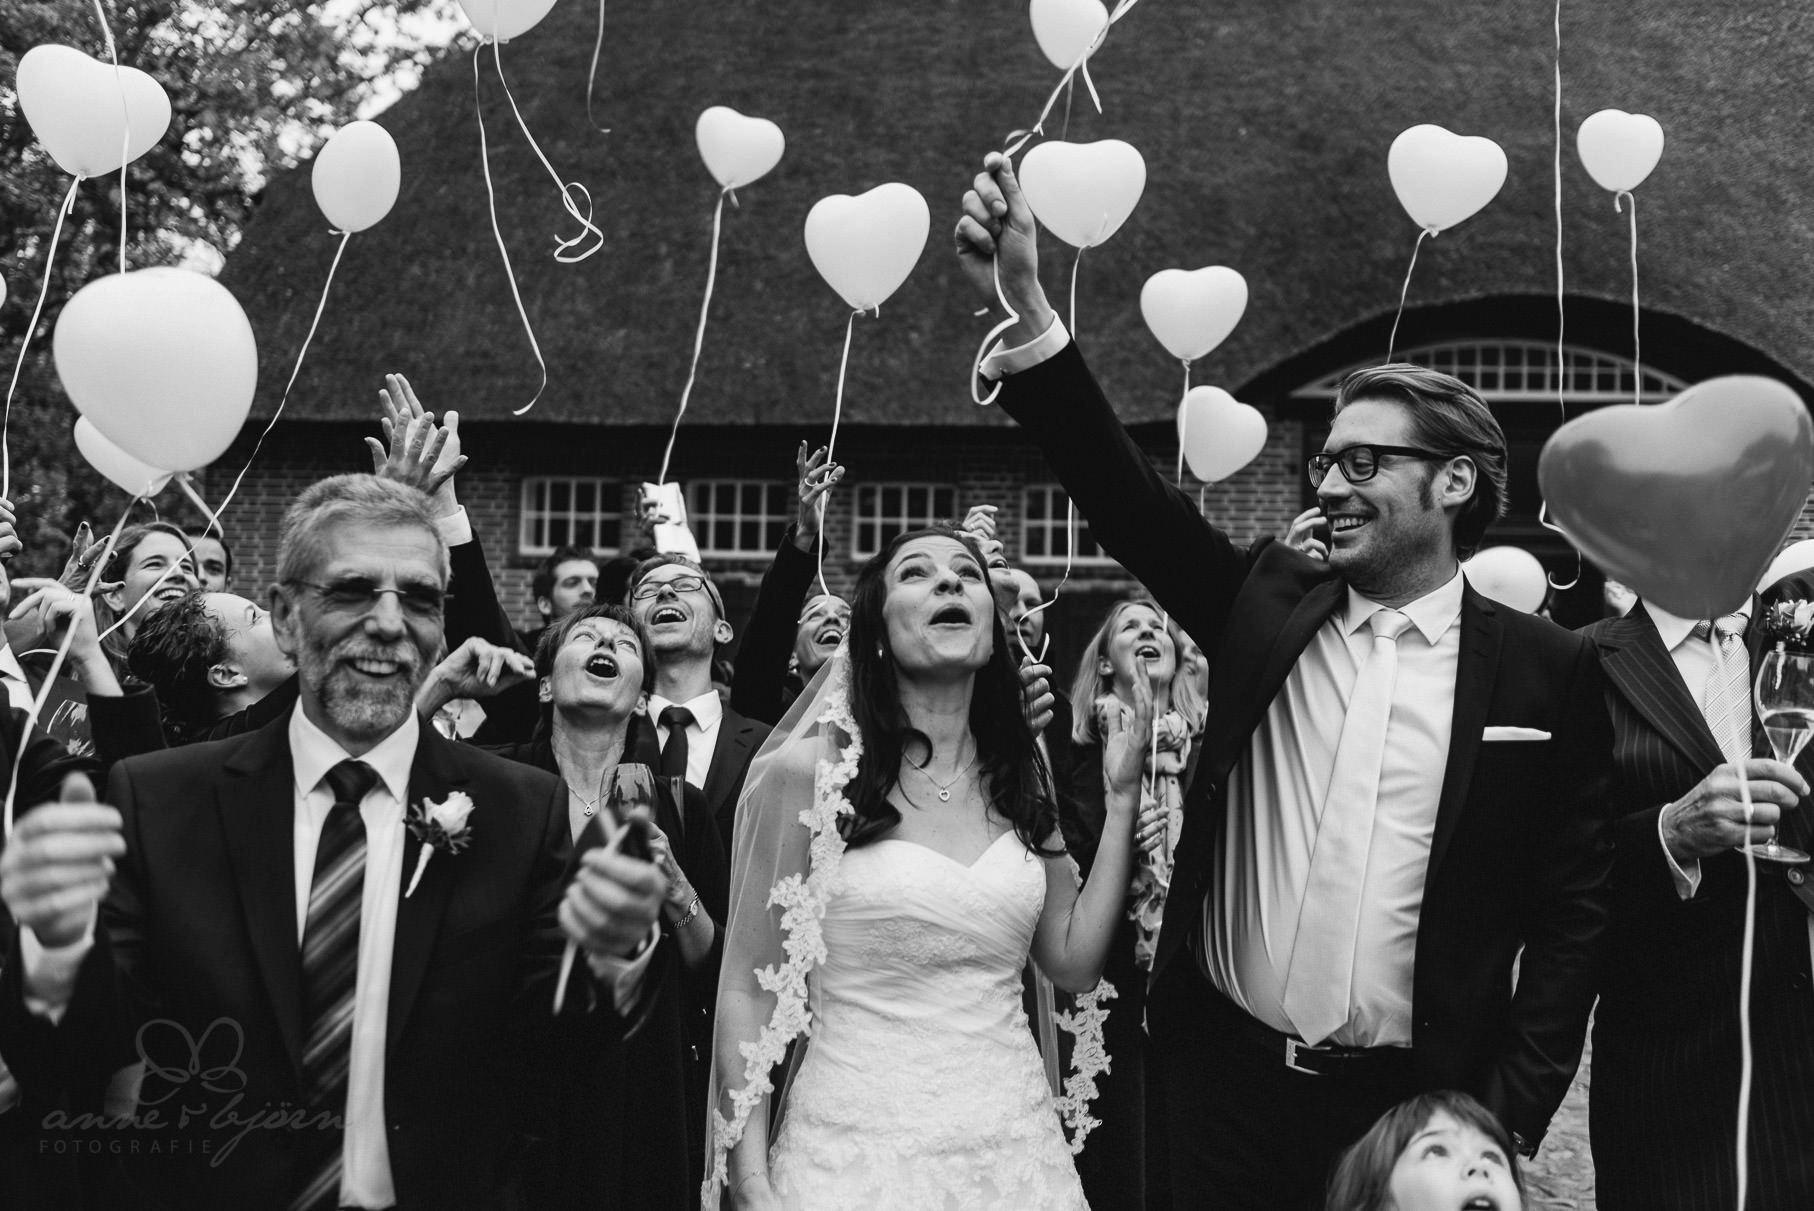 0086 aub 811 5521 - Hochzeit auf Gut Thansen - Anja & Björn